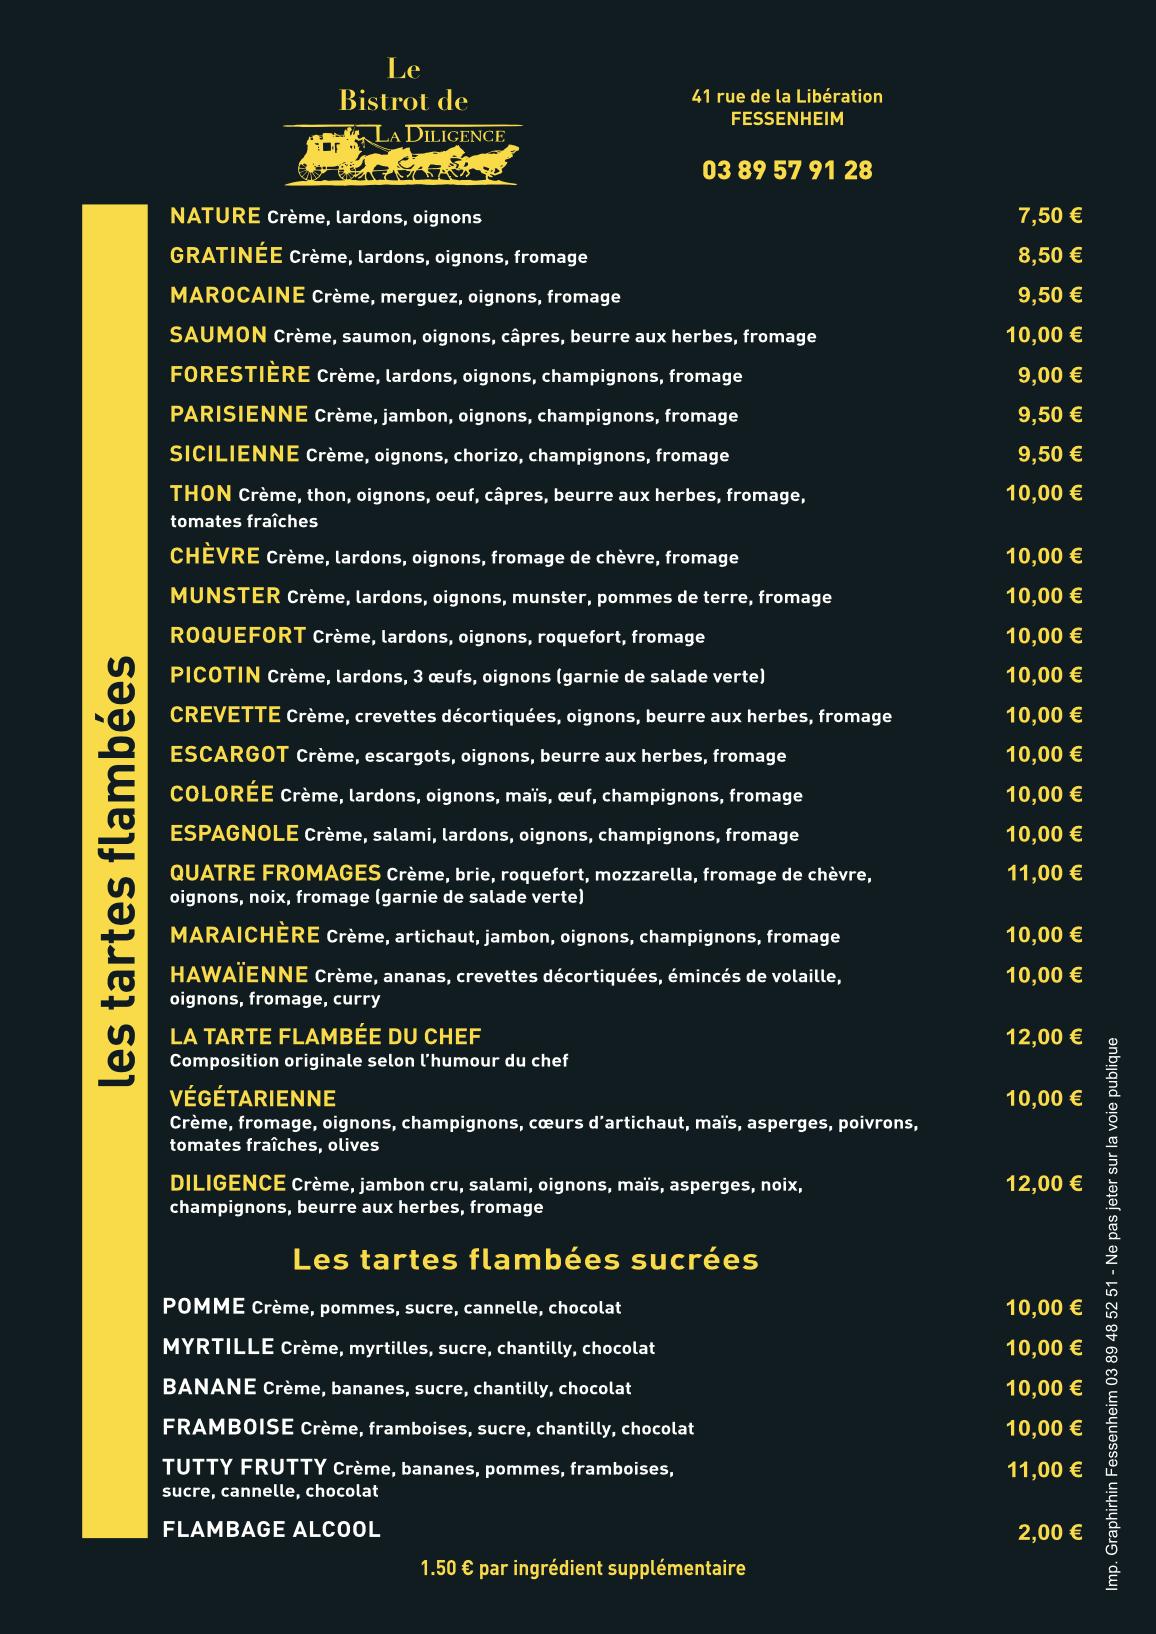 carte-tartes-flambees-fessenheim-sept-2021